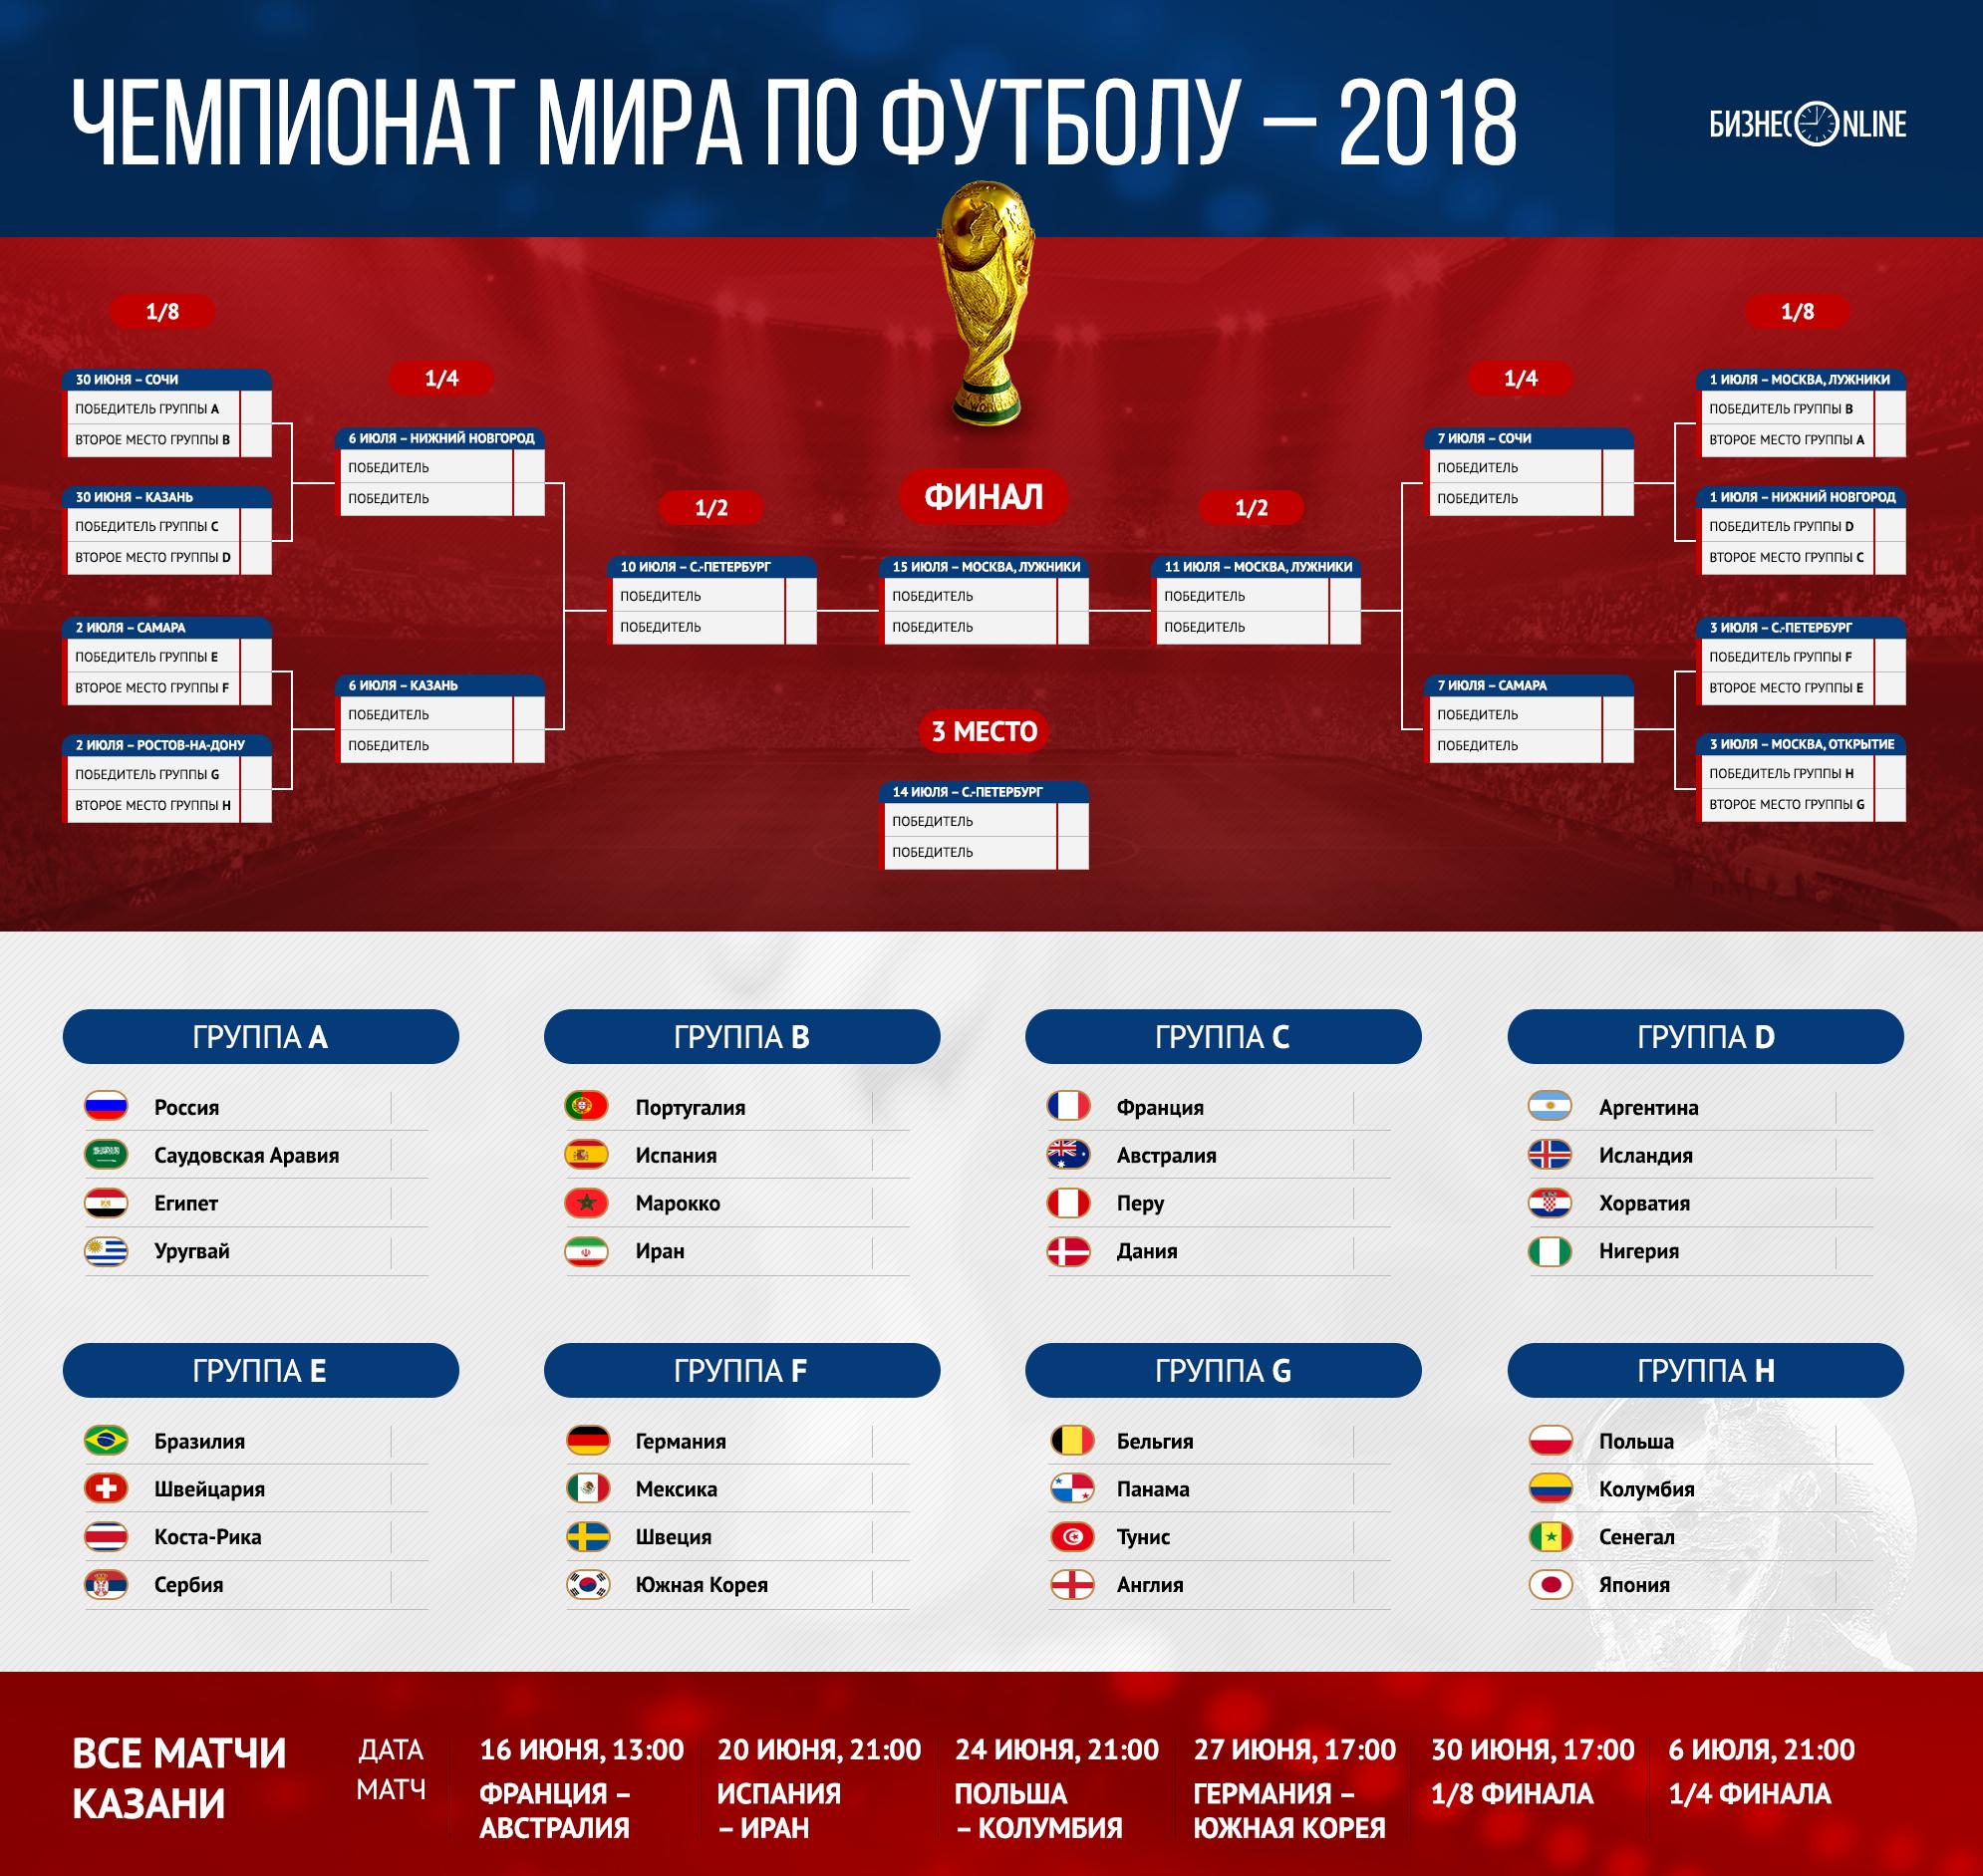 Сколько матчей чм 2018 пройдет в екатеринбурге